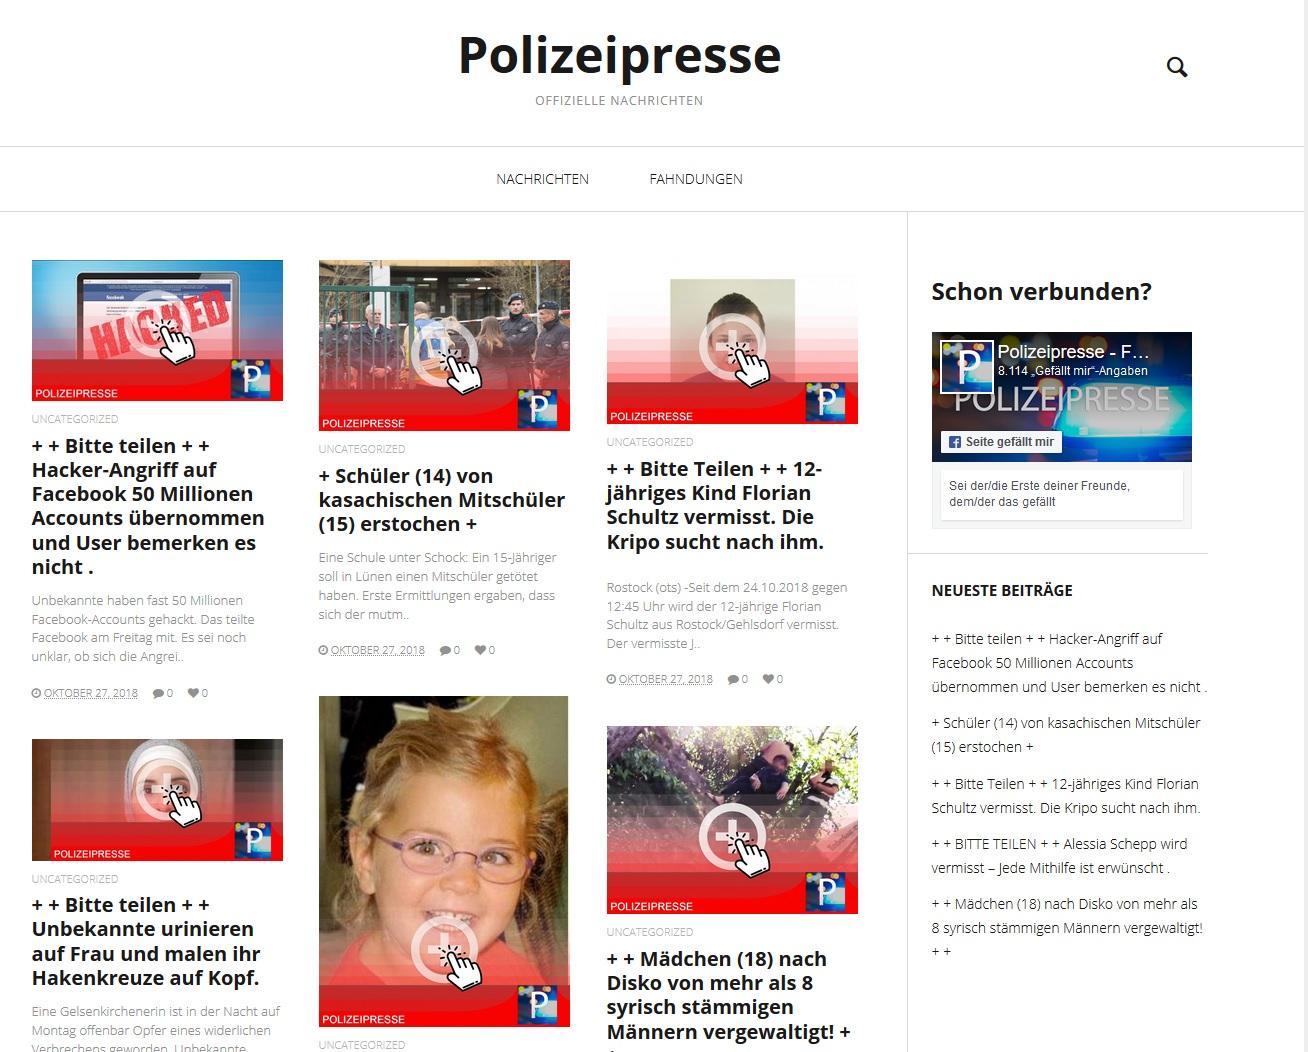 Vorsicht vor polizei-presse! (Screenshot)